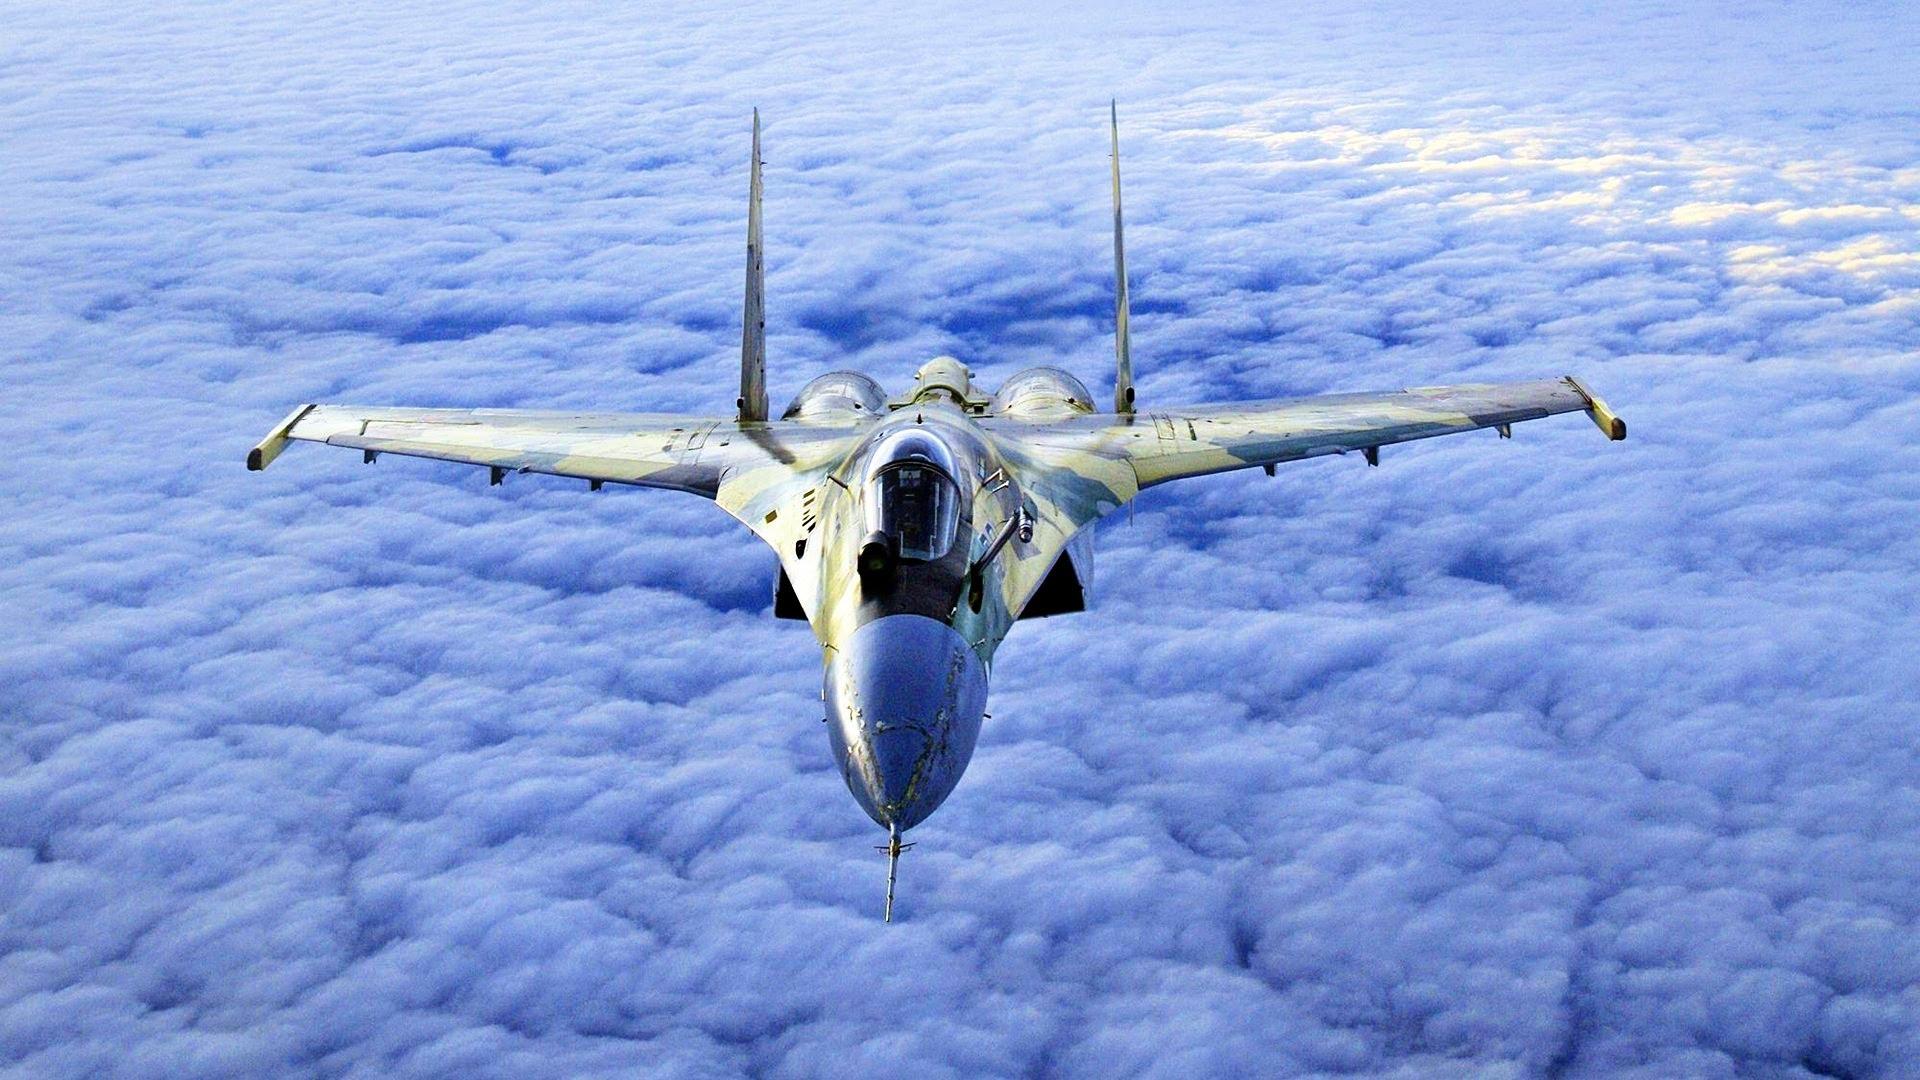 СУ-35, новейший сверхманевренный истребитель, совершивший первый полет лишь в 2008 году. Украина может ему противопоставить... ничего